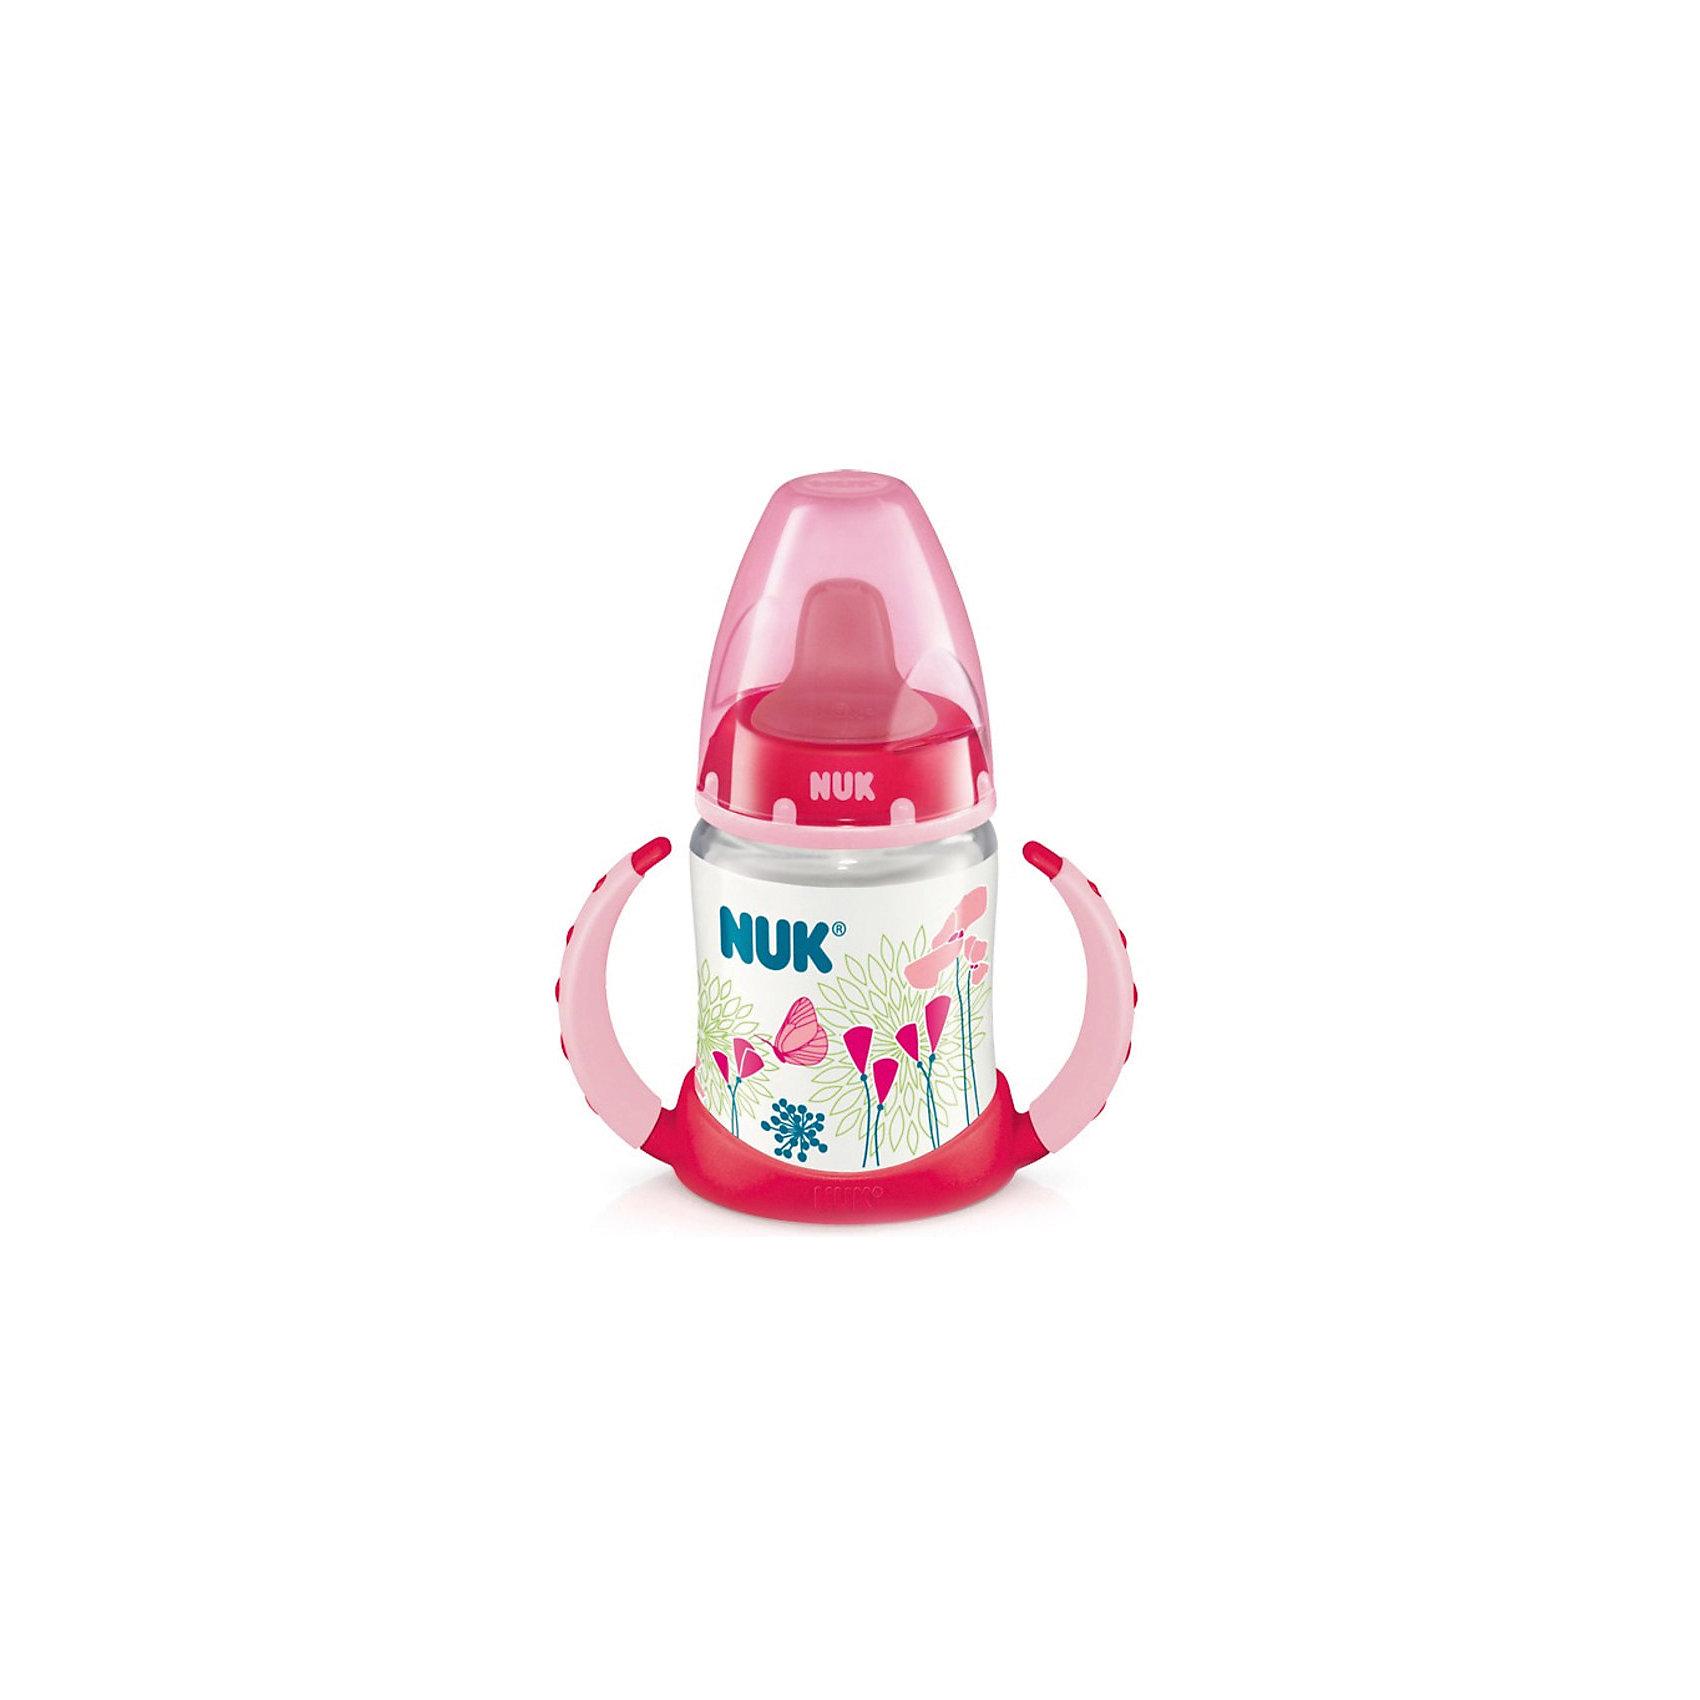 Бутылочка First Choice-поильник пласт. 150 мл., NUK, розовыйХарактеристики изделия:<br><br>- объем: 150 мл;<br>- цвет: розовый;<br>- материал: силикон, пластик;<br>- широкое горло;<br>- нескользящие ручки эргономичной формы;<br>- система NUK Air System;<br>- возраст: 6-18 месяцев.<br><br>Детские товары существенно облегчают жизнь молодым мамам. Существует множество полезных в период материнства вещей. К таким относится обыкновенная пластиковая бутылочка-поильник. <br>Данная модель оптимально подходит для детей. Мягкий материал соски подойдет для ротовой полости ребенка. Предмет удобно держать. Бутылочка легко очищается от любых поверхностных загрязнений, так как имеет удобное широкое горлышко. Оптимальный объем позволит использовать бутылочку для малышей от шести месяцев до полутора лет.<br><br>Бутылочку First Choice-поильник от производителя NUK можно купить в нашем магазине.<br><br>Ширина мм: 120<br>Глубина мм: 65<br>Высота мм: 185<br>Вес г: 133<br>Возраст от месяцев: 6<br>Возраст до месяцев: 18<br>Пол: Унисекс<br>Возраст: Детский<br>SKU: 5065241